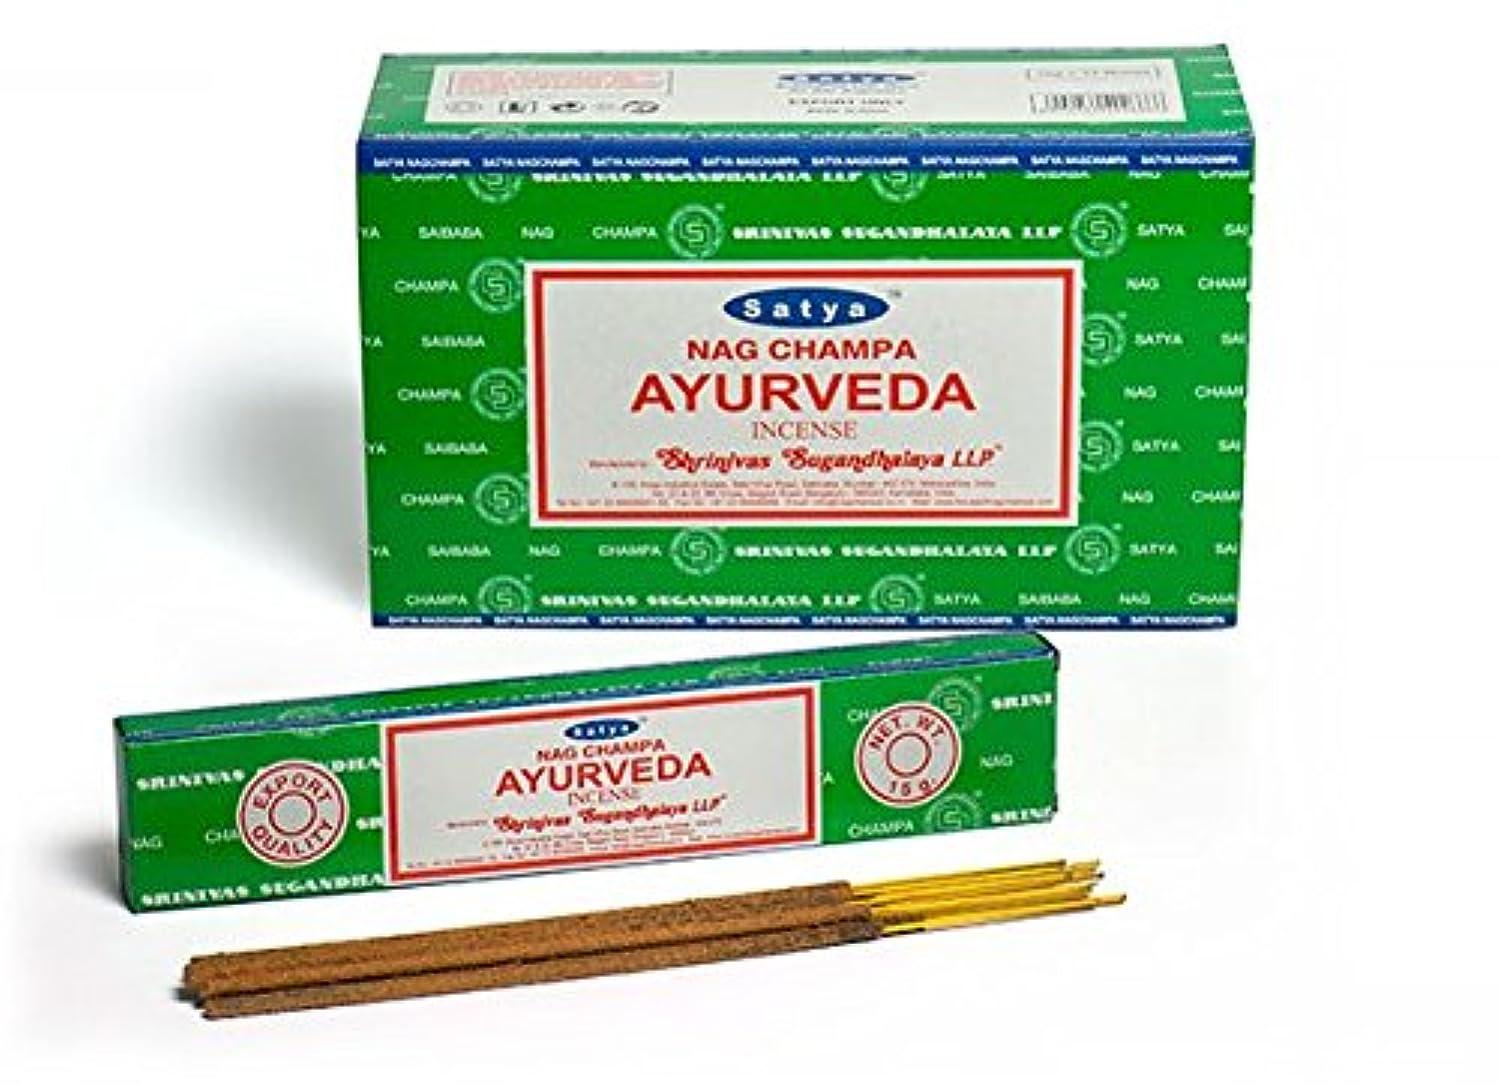 常習者チャールズキージングイディオムSatya Nag Champa Ayurveda お香スティック Agarbatti 180グラムボックス | 15グラム入り12パック